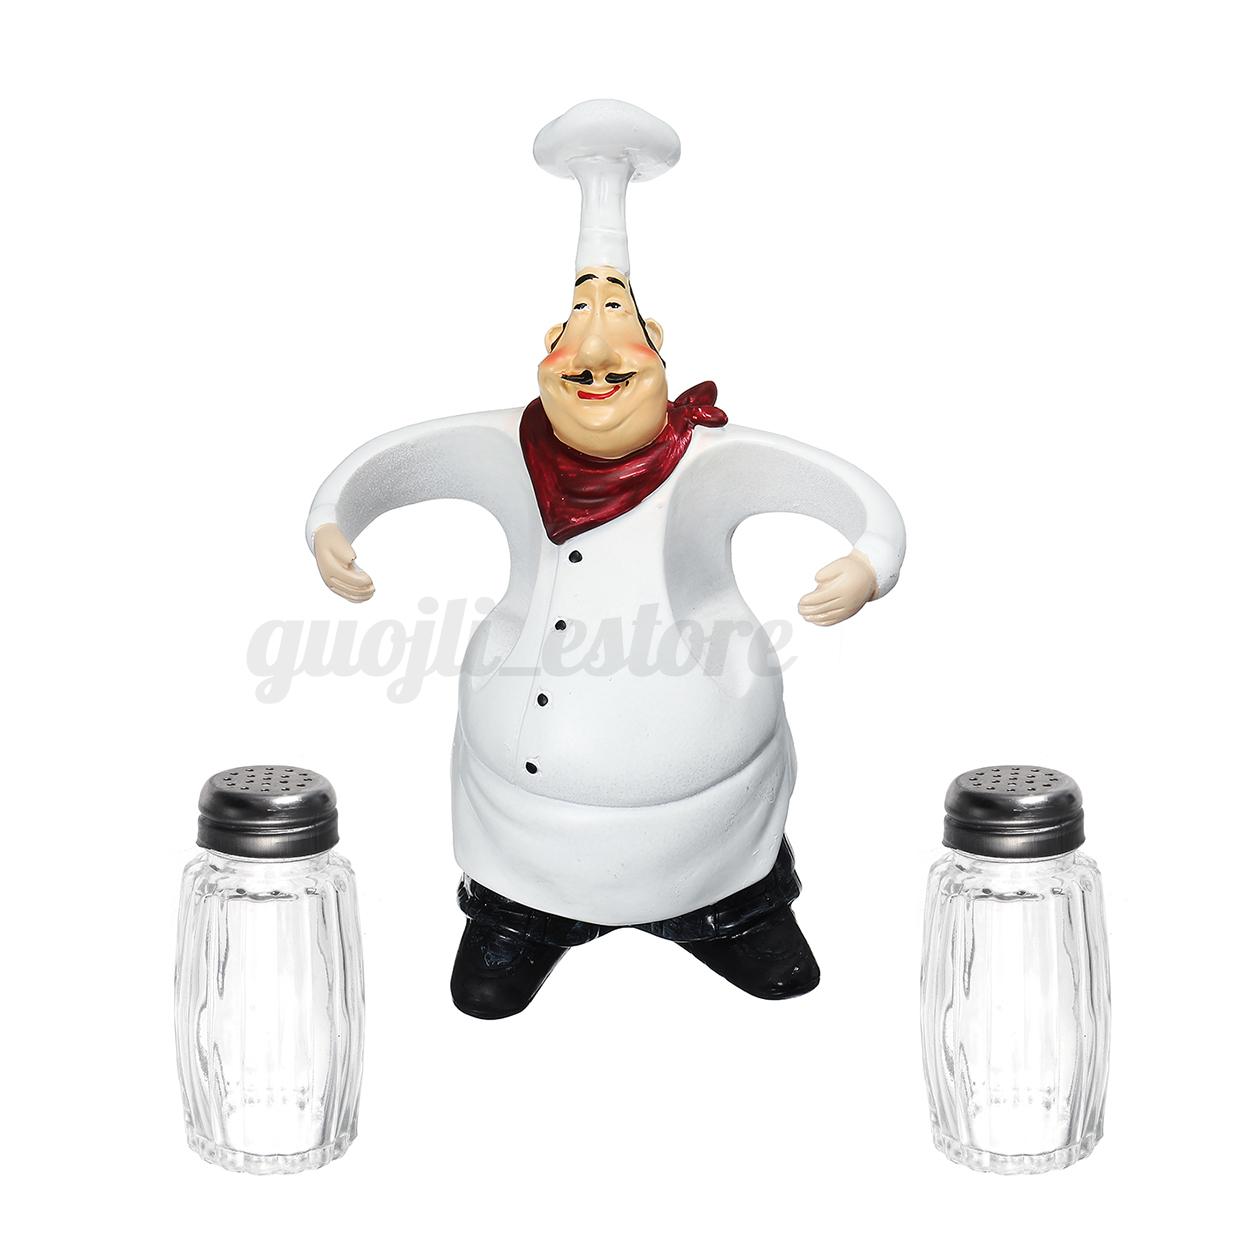 Kitchen Spice Bottle Restaurant Resin Chef Figurine Cafe